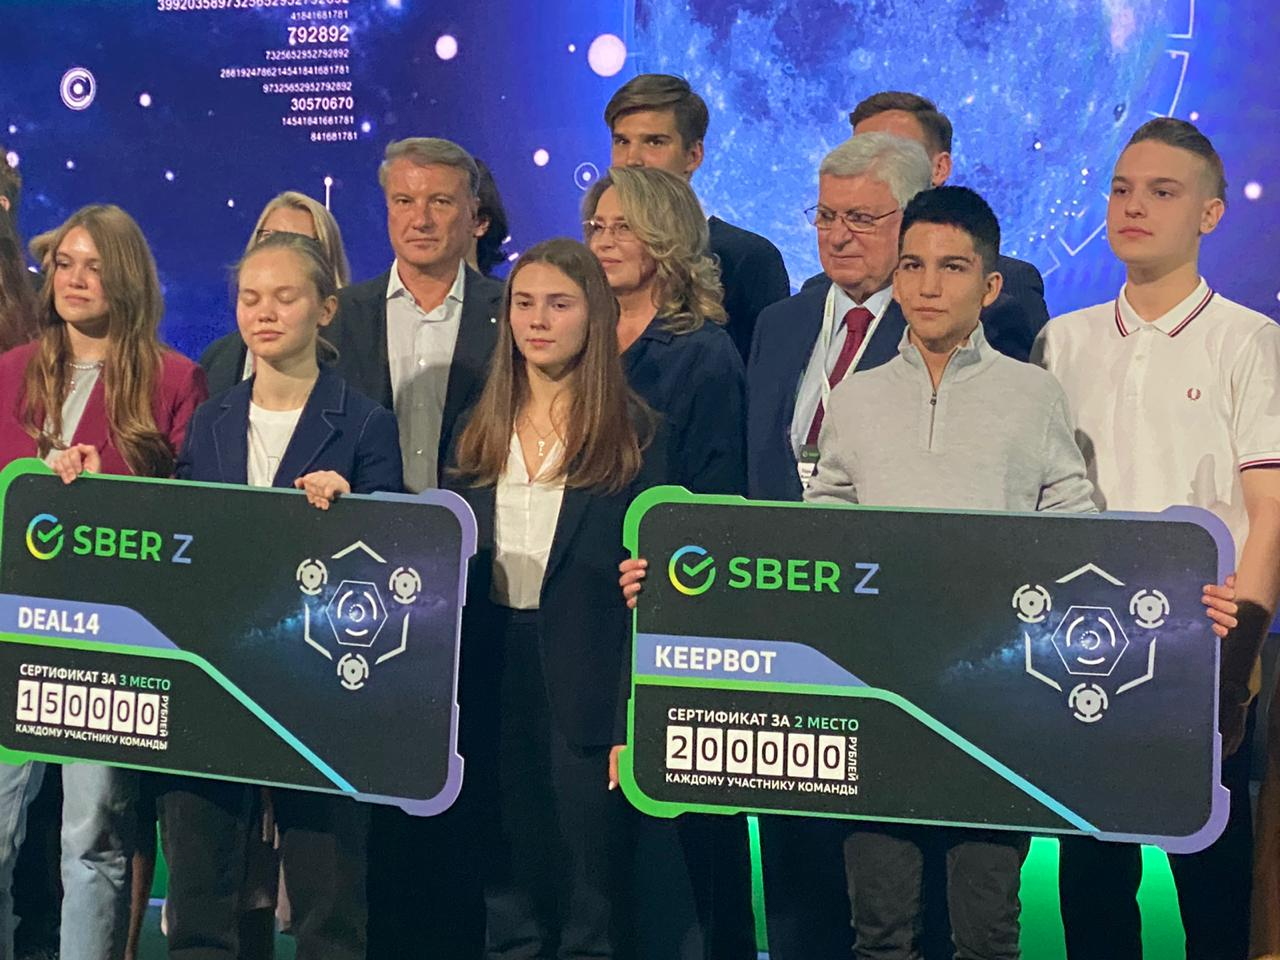 Определены имена победителей школьного акселератора SberZ